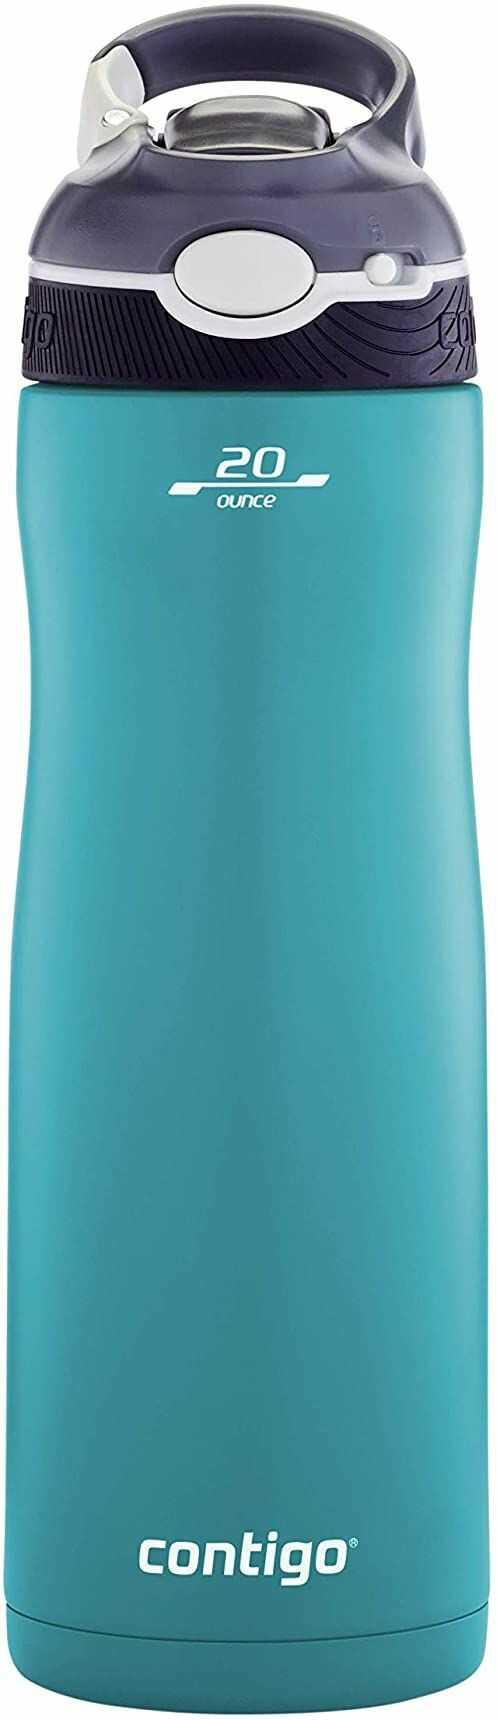 Contigo Ashland Chill butelka na wodę z klapką, butelka termiczna ze stali nierdzewnej, butelka próżniowa, szczelna butelka na siłownię, idealna do uprawiania sportu, 590 ml